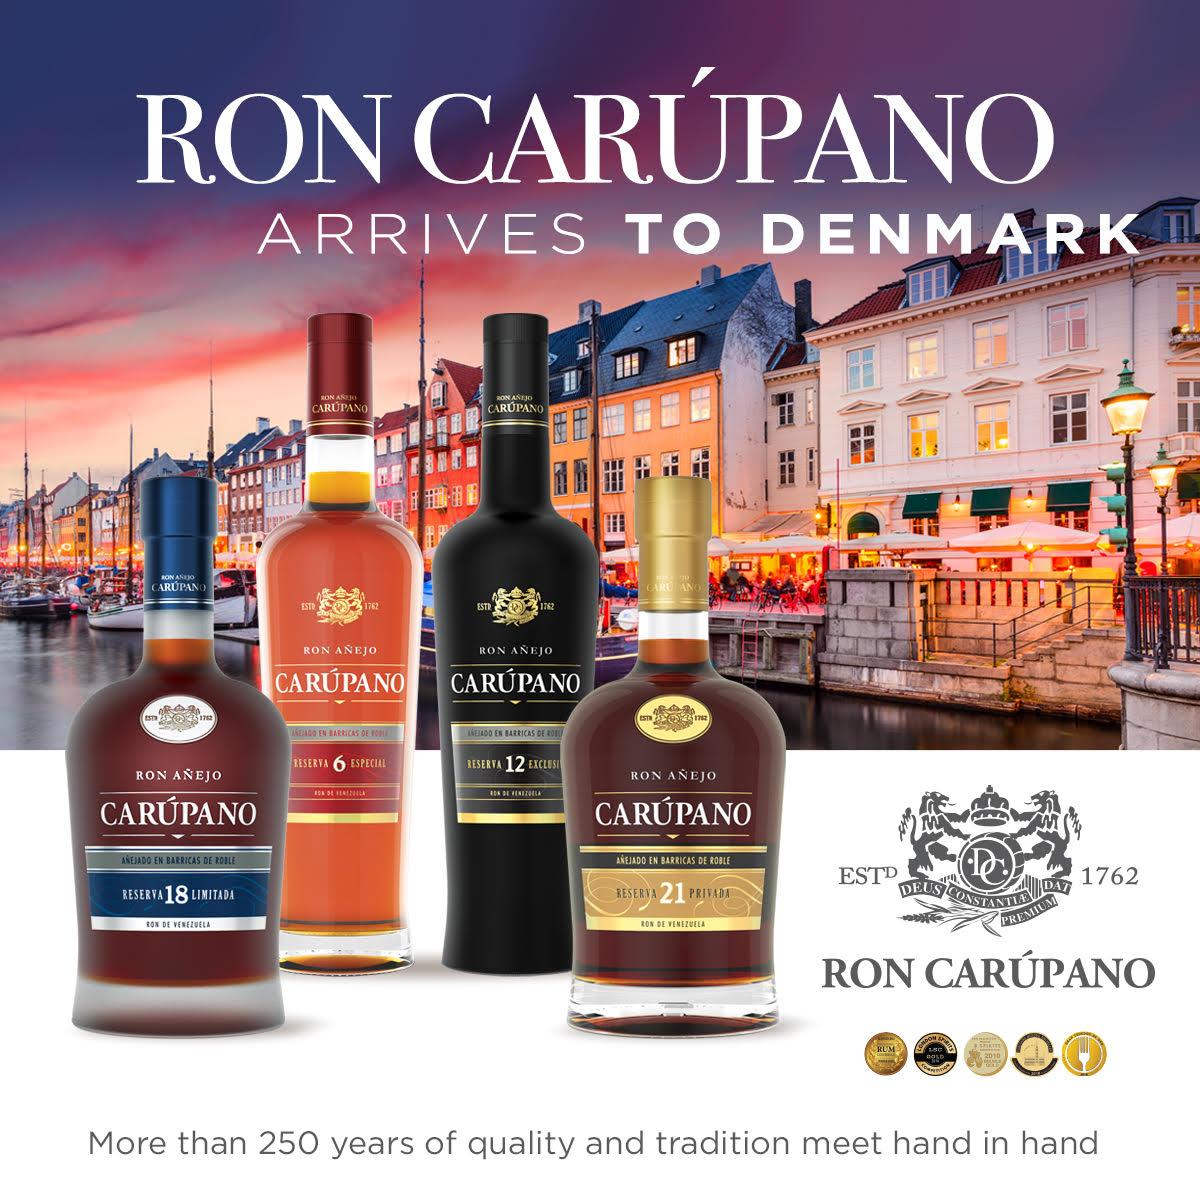 Ron Carúpano, la marca de ron súper premium por excelencia realiza su lanzamiento en Europa